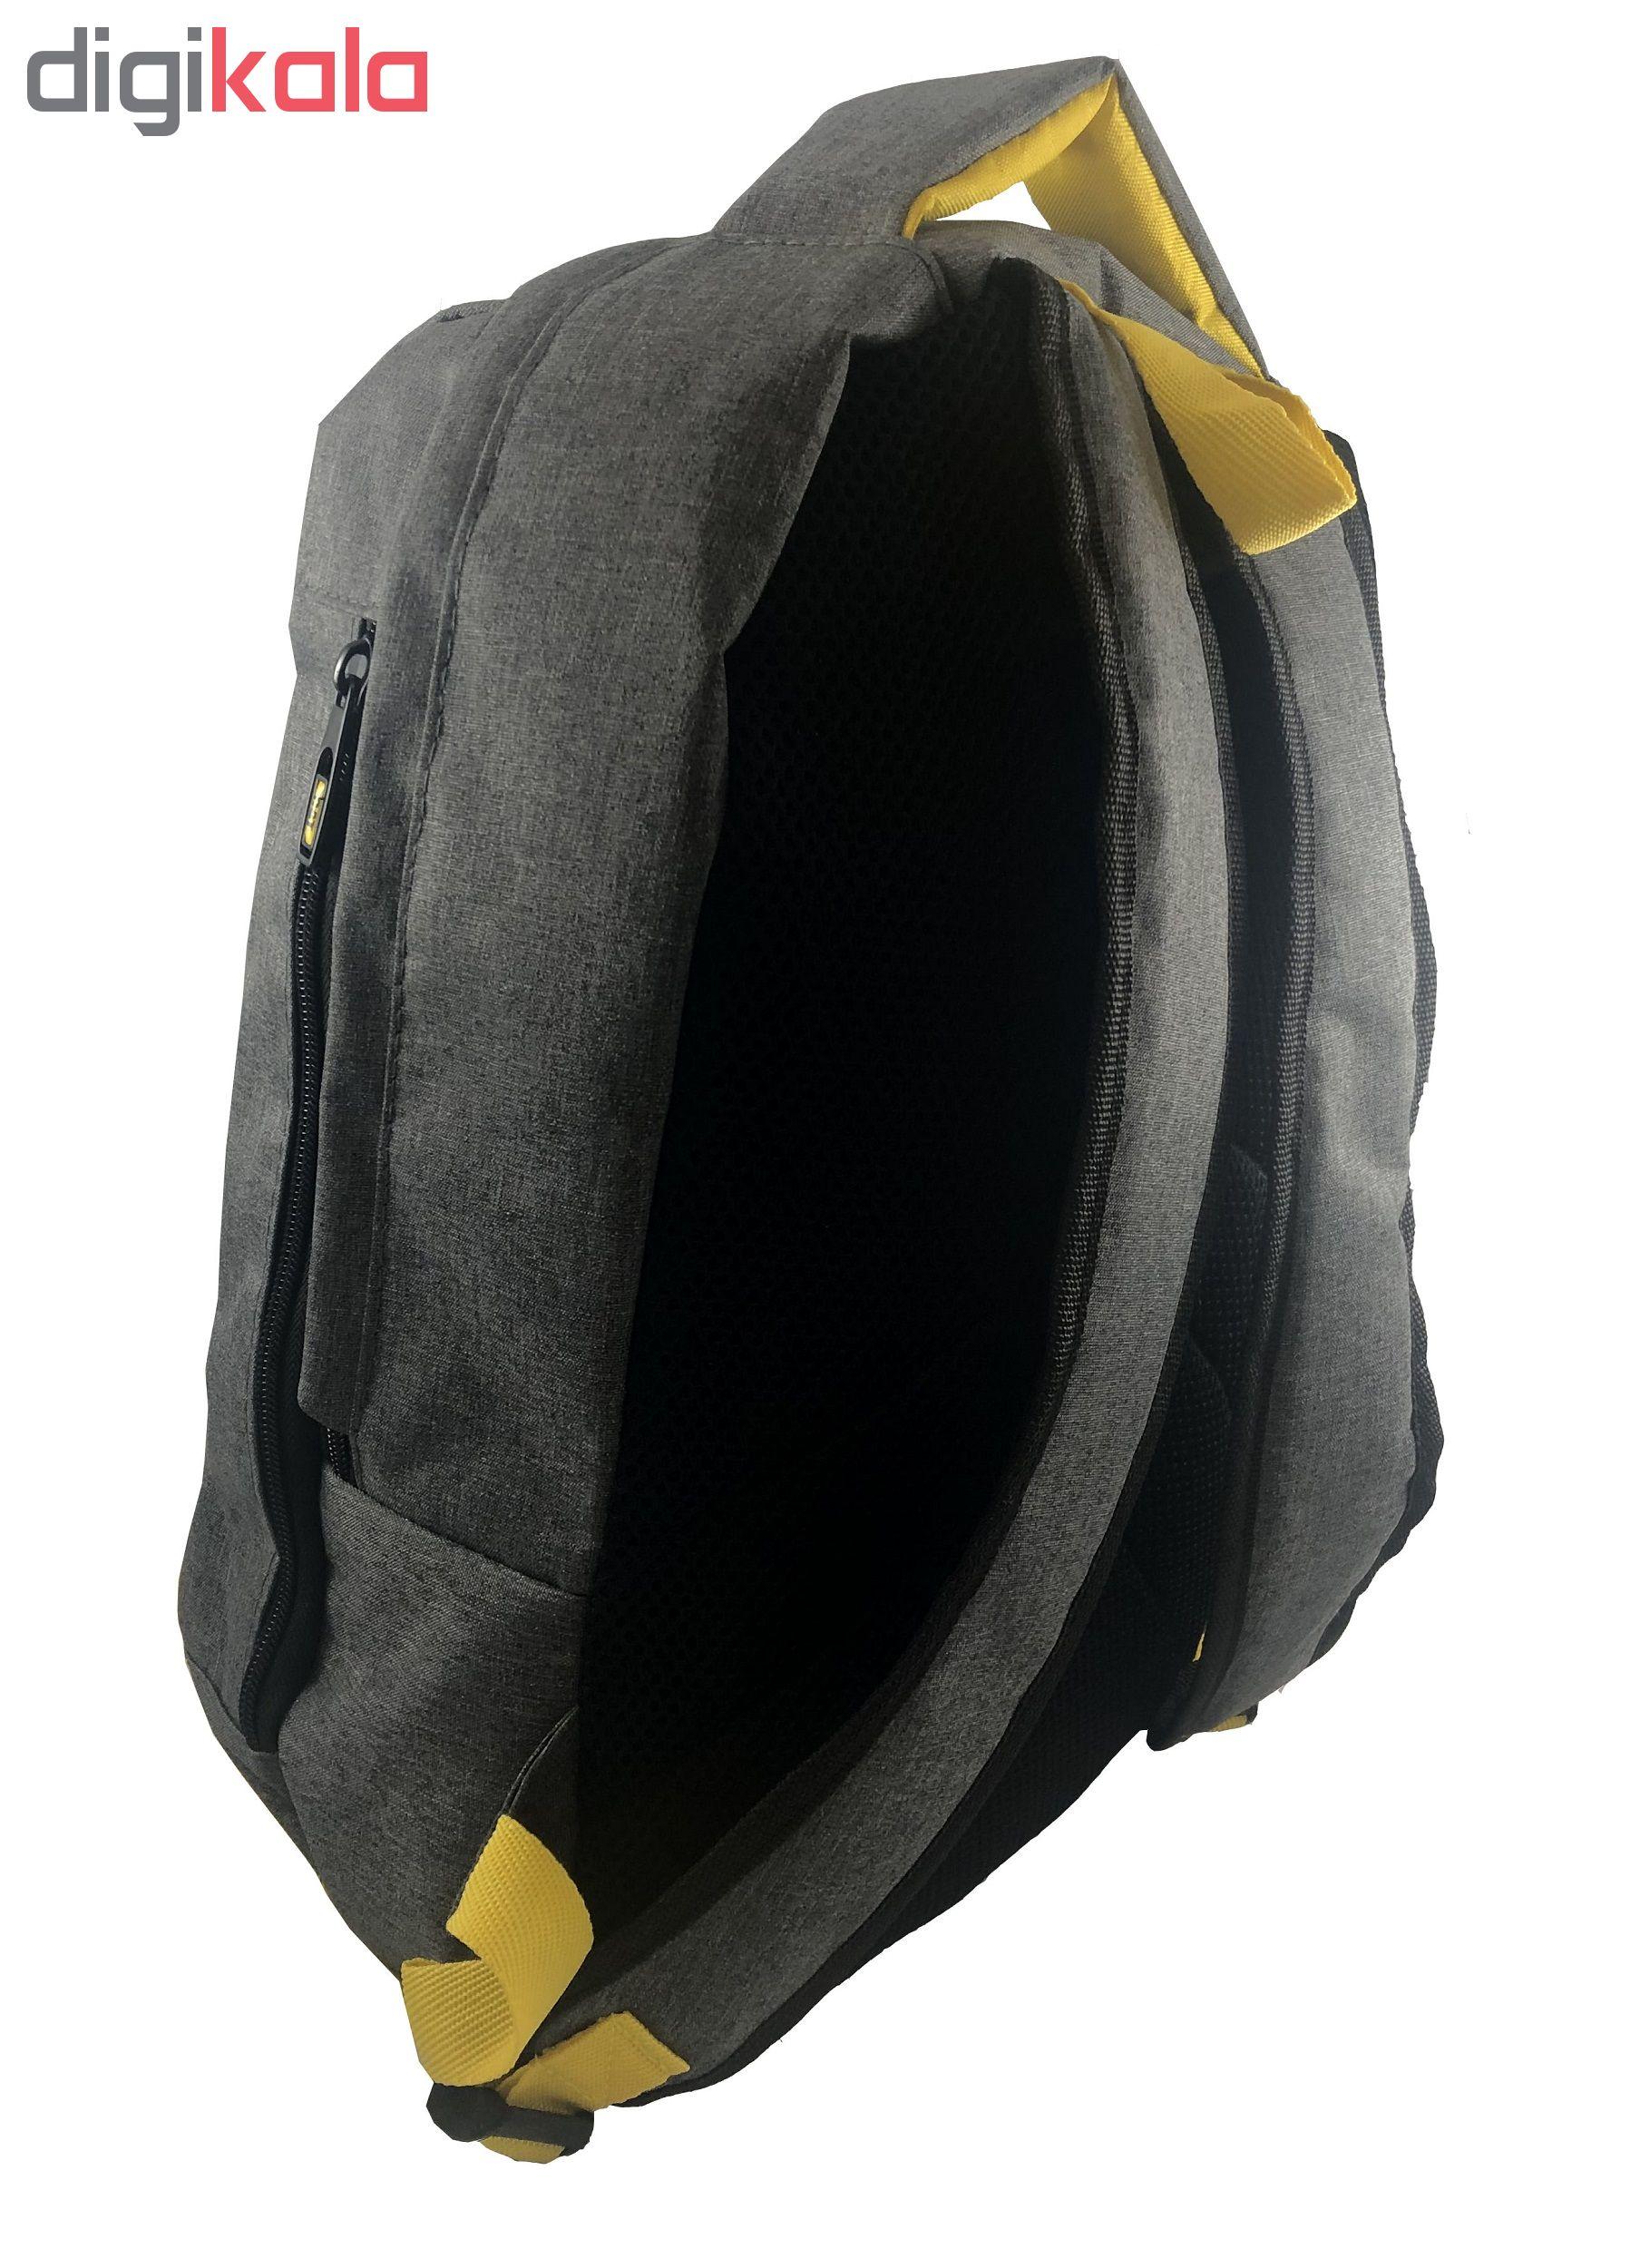 کوله پشتی لپ تاپ مدل C9812 مناسب برای لپ تاپ 15.6 اینچی